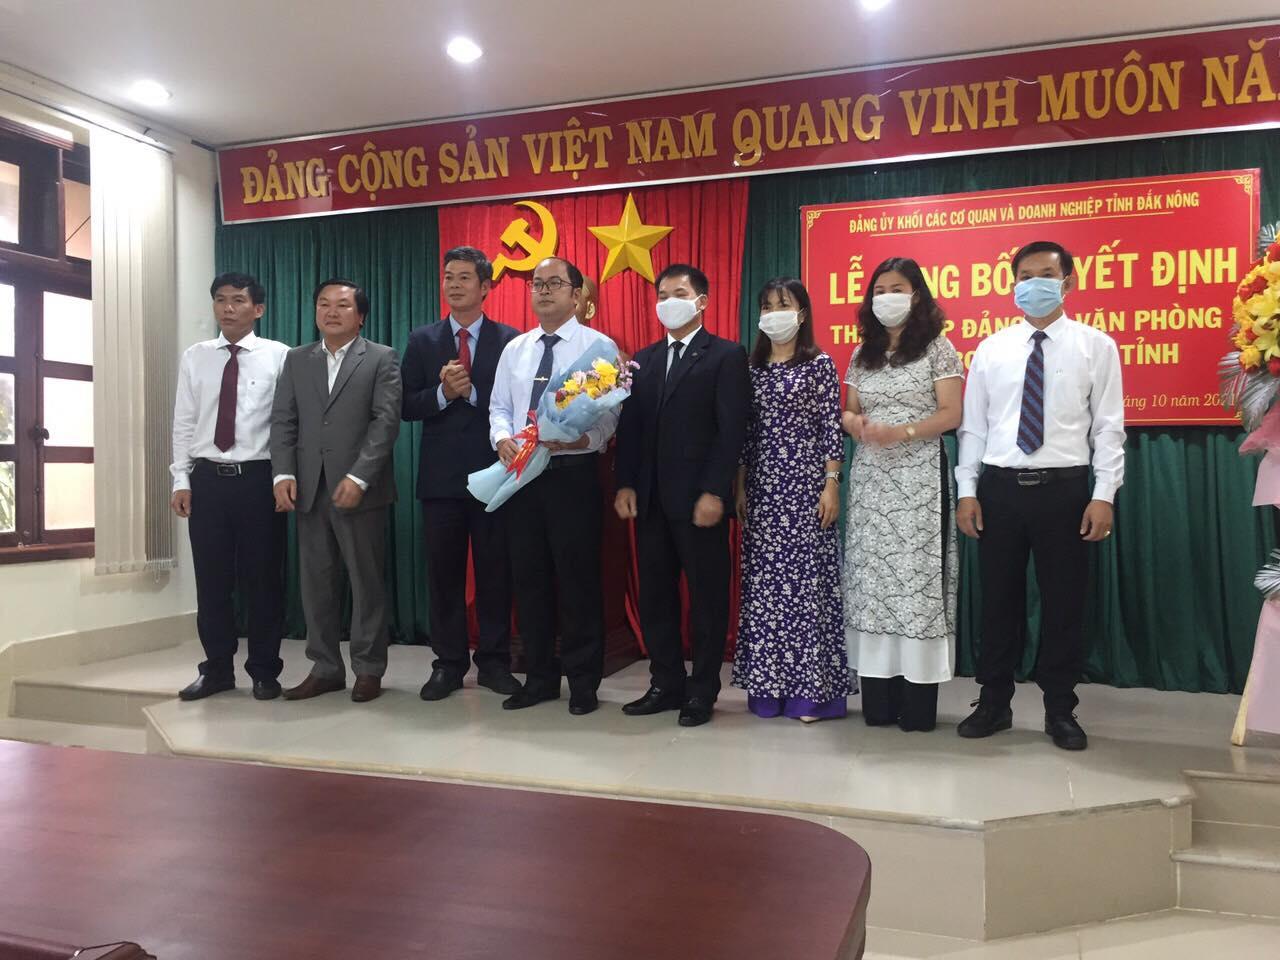 Lễ công bố Quyết định thành lập Đảng bộ Văn phòng Đoàn Đại biểu Quốc hội và Hội đồng nhân dân  tỉnh Đắk Nông